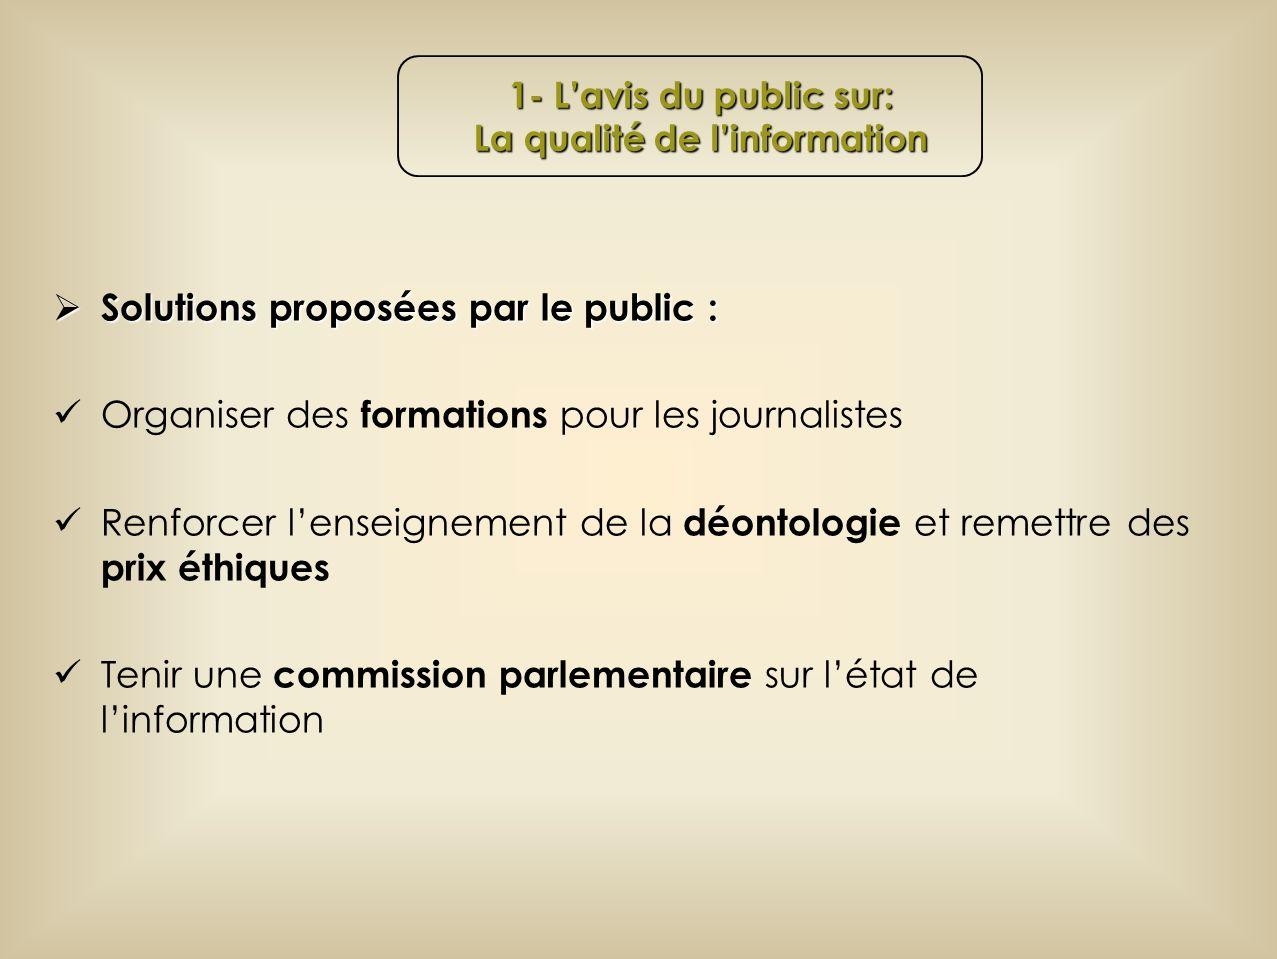 Solutions proposées par le public : Solutions proposées par le public : Organiser des formations pour les journalistes Renforcer lenseignement de la déontologie et remettre des prix éthiques Tenir une commission parlementaire sur létat de linformation 1- Lavis du public sur: La qualité de linformation